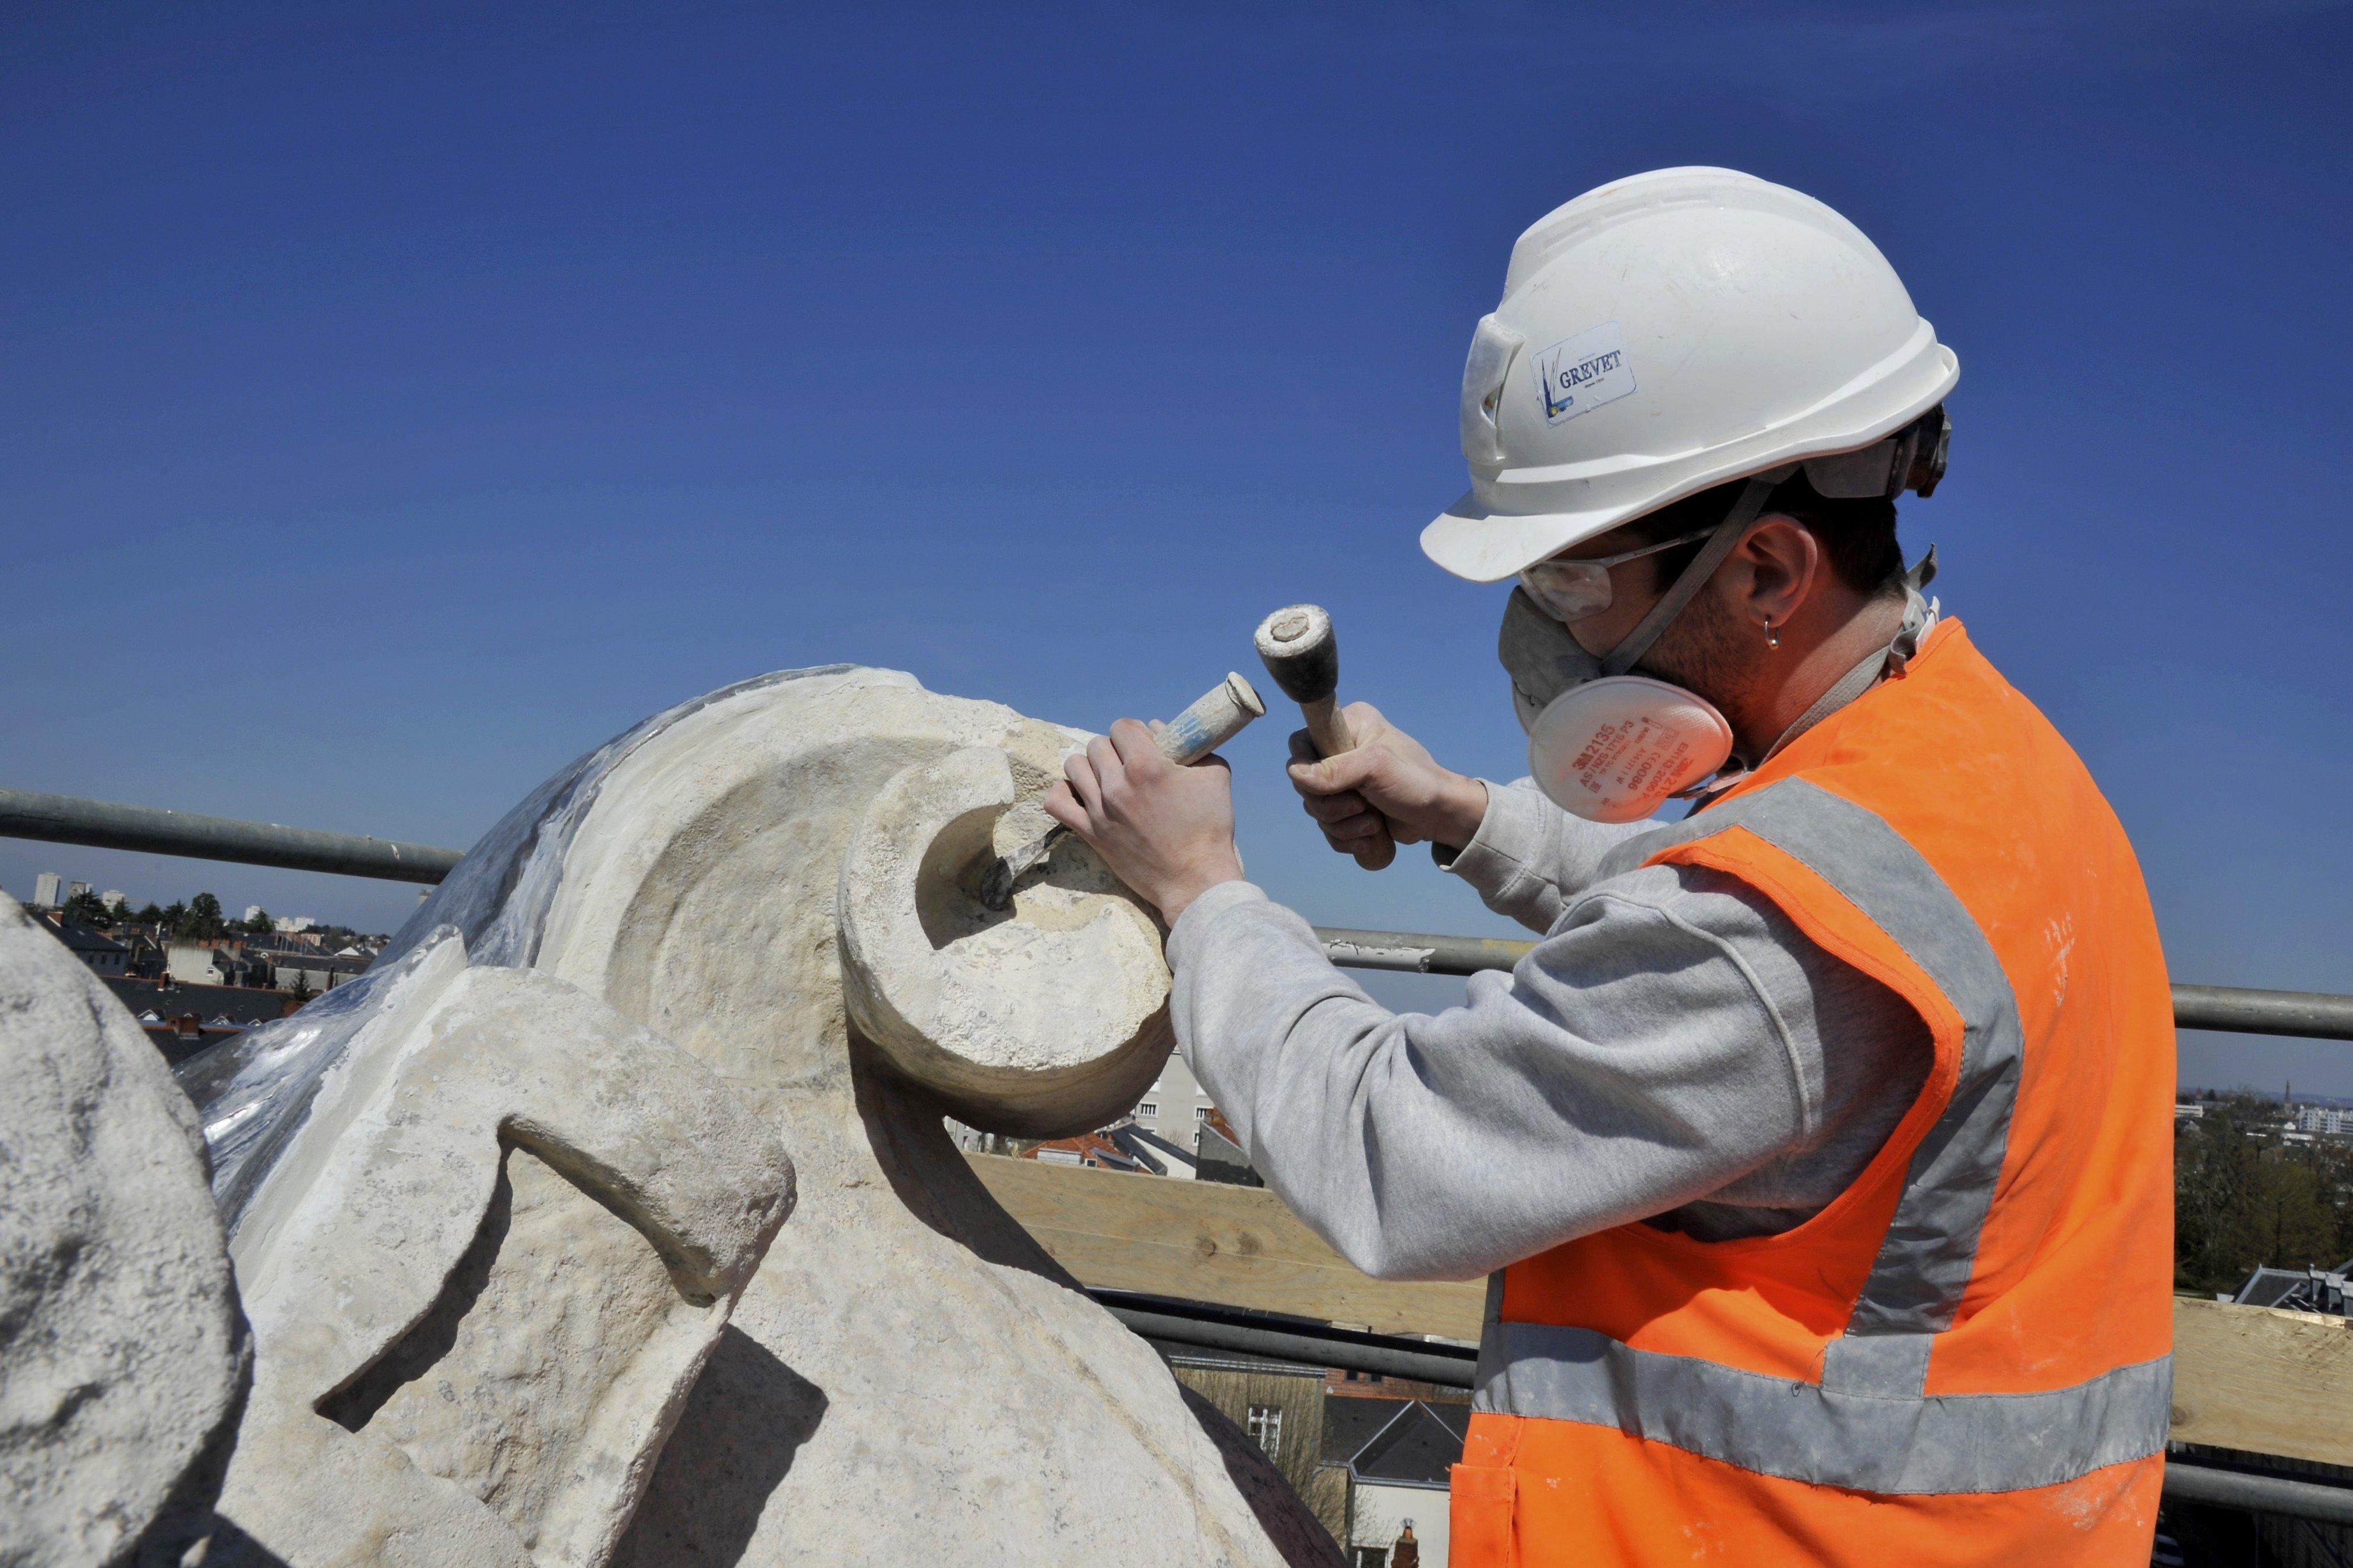 La France risque de manquer de tailleurs de pierre et de charpentiers pour reconstruire